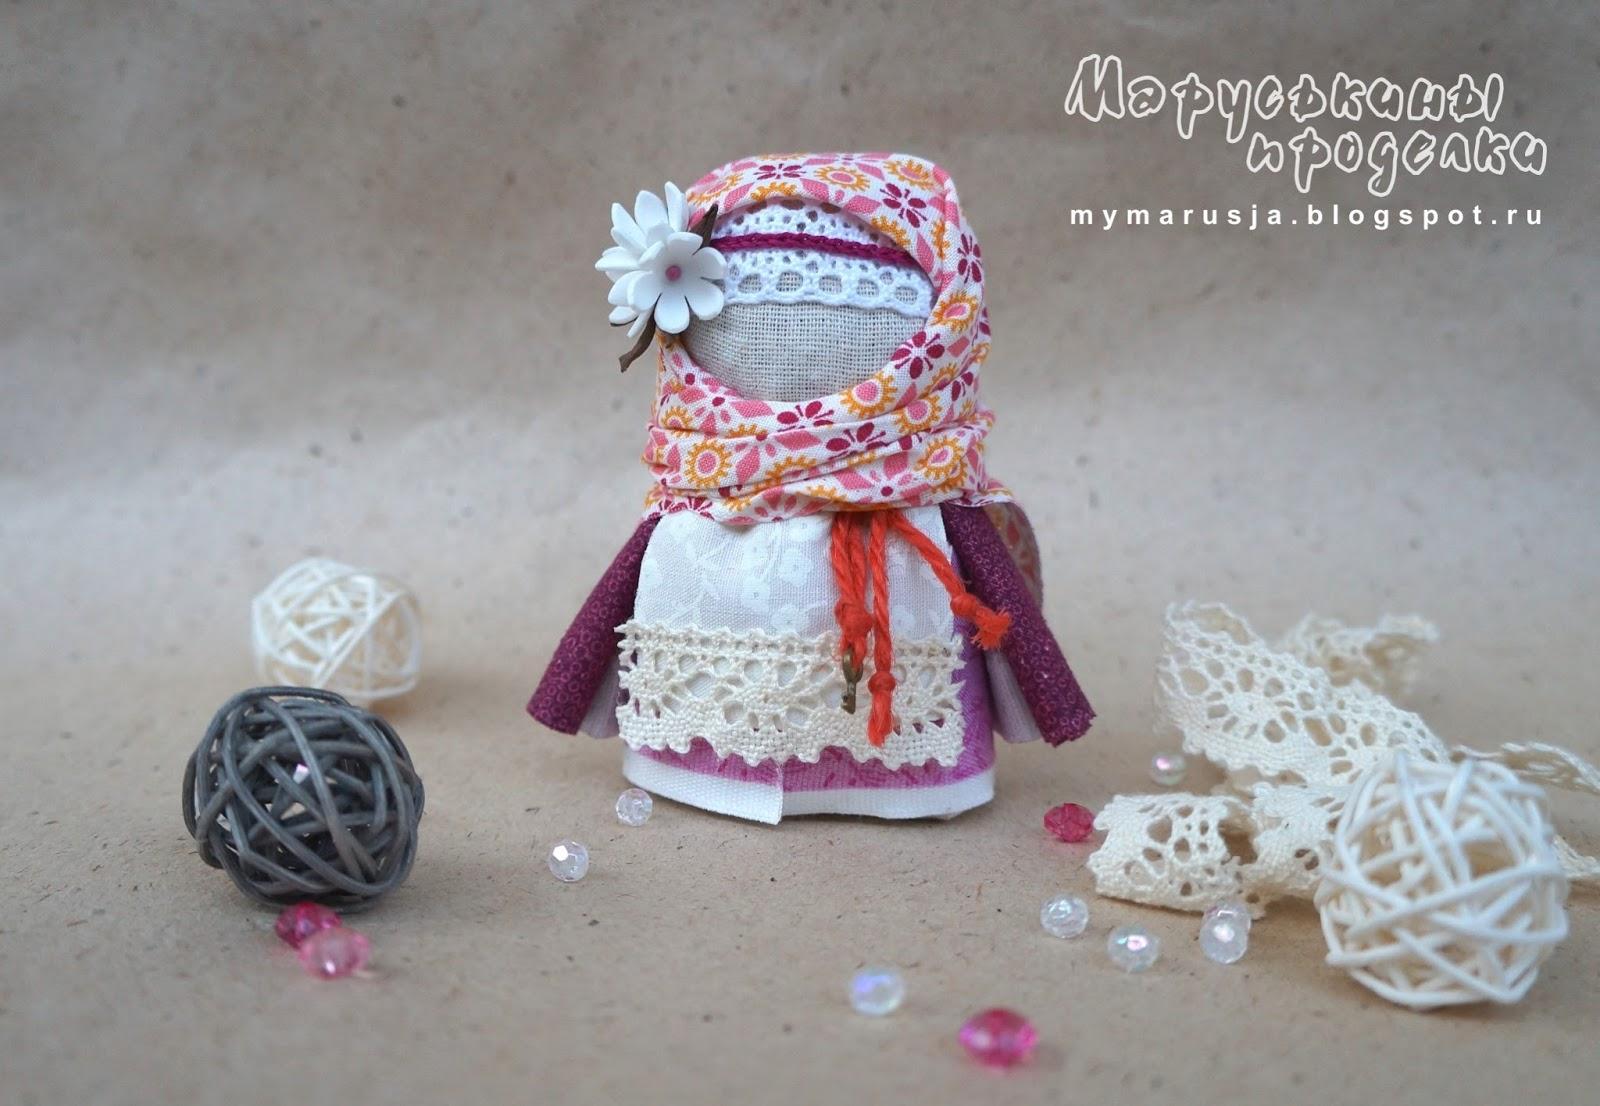 Куклы обереги своими руками для начинающих пошаговая инструкция фото